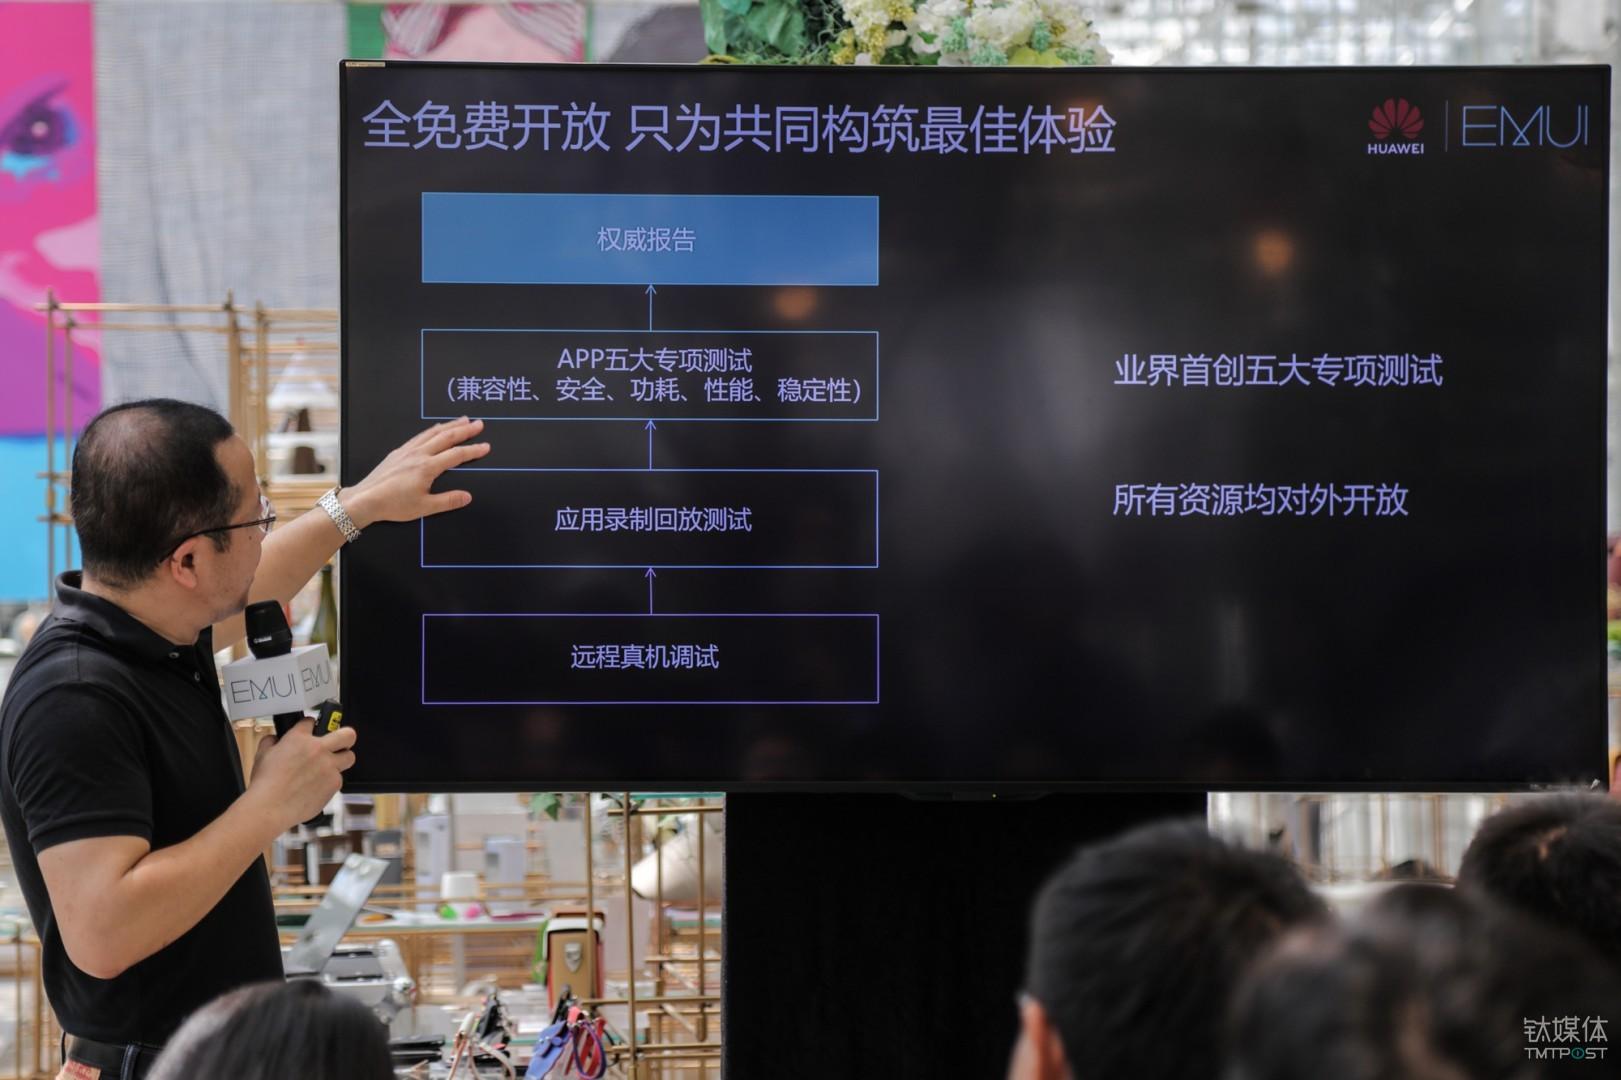 华为为开发者推出远程线上测试平台